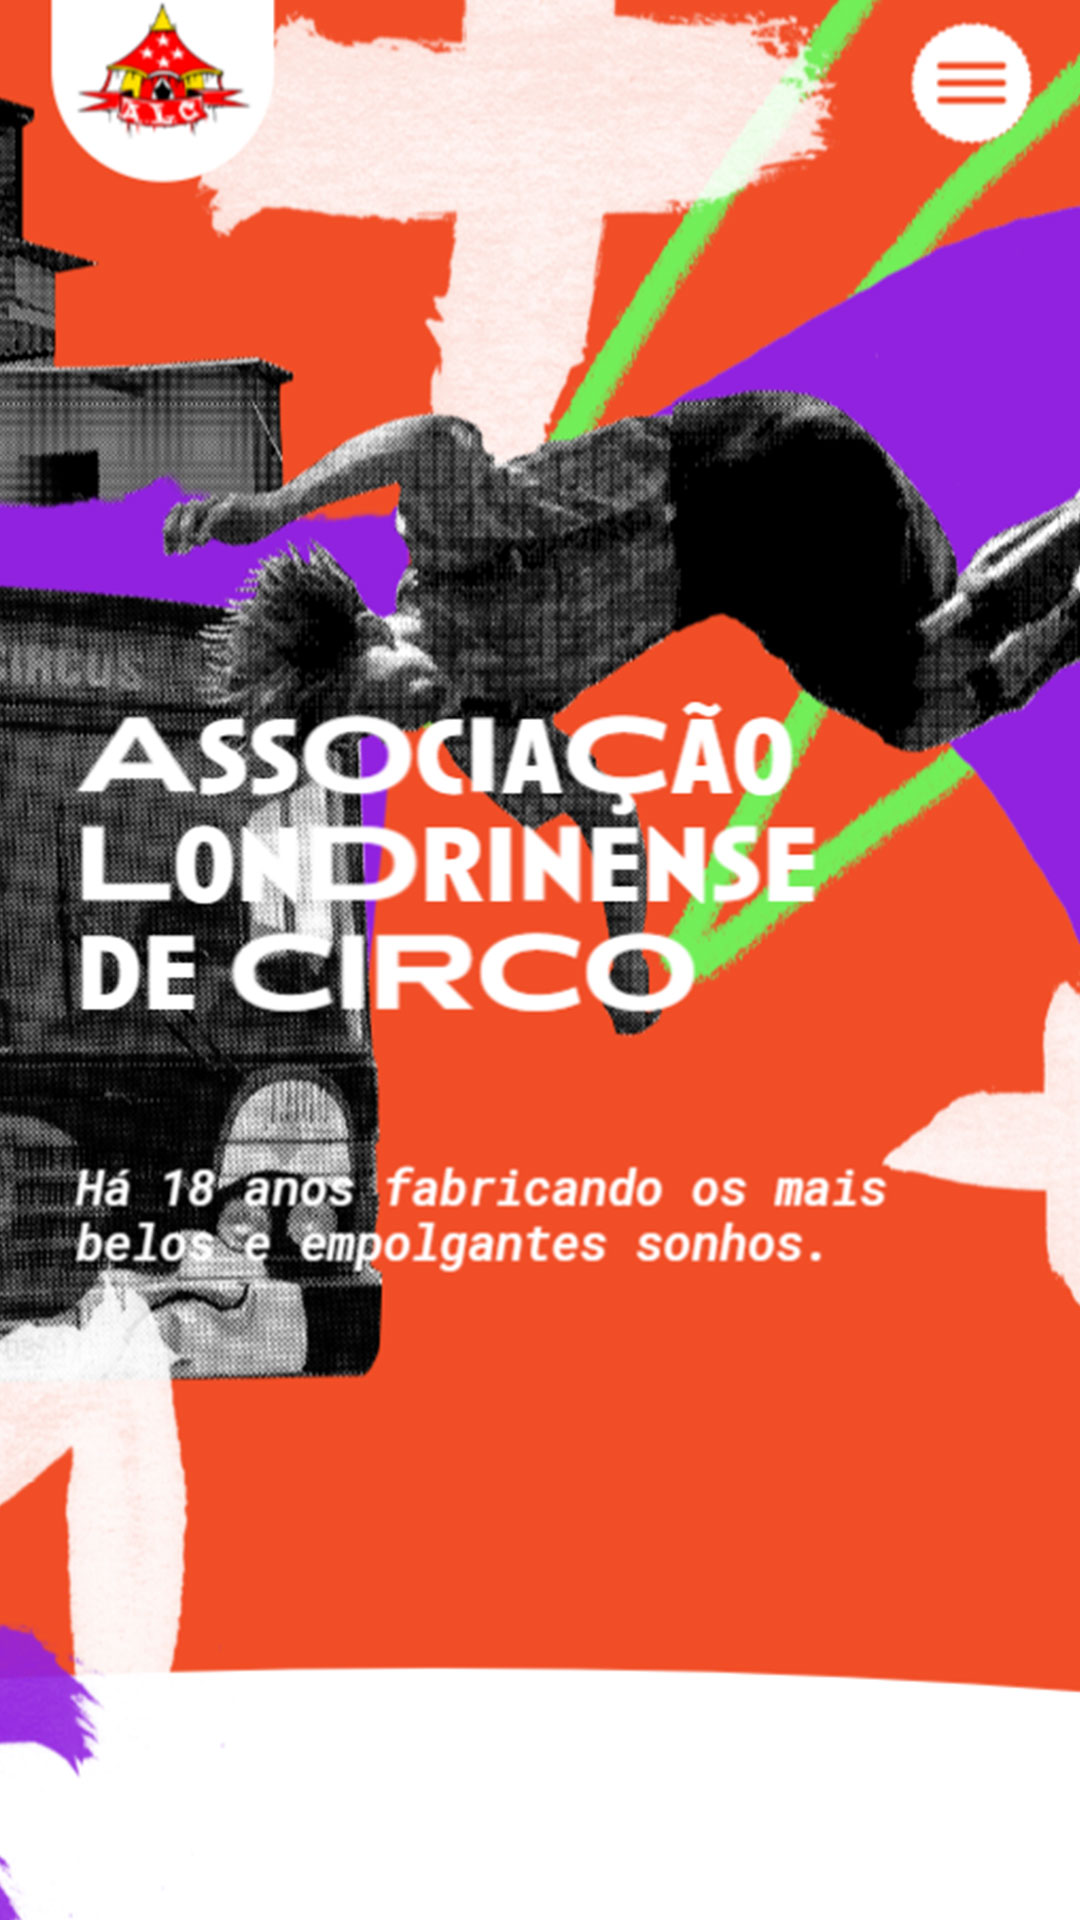 Mobile: Associação Londrinense de Circo